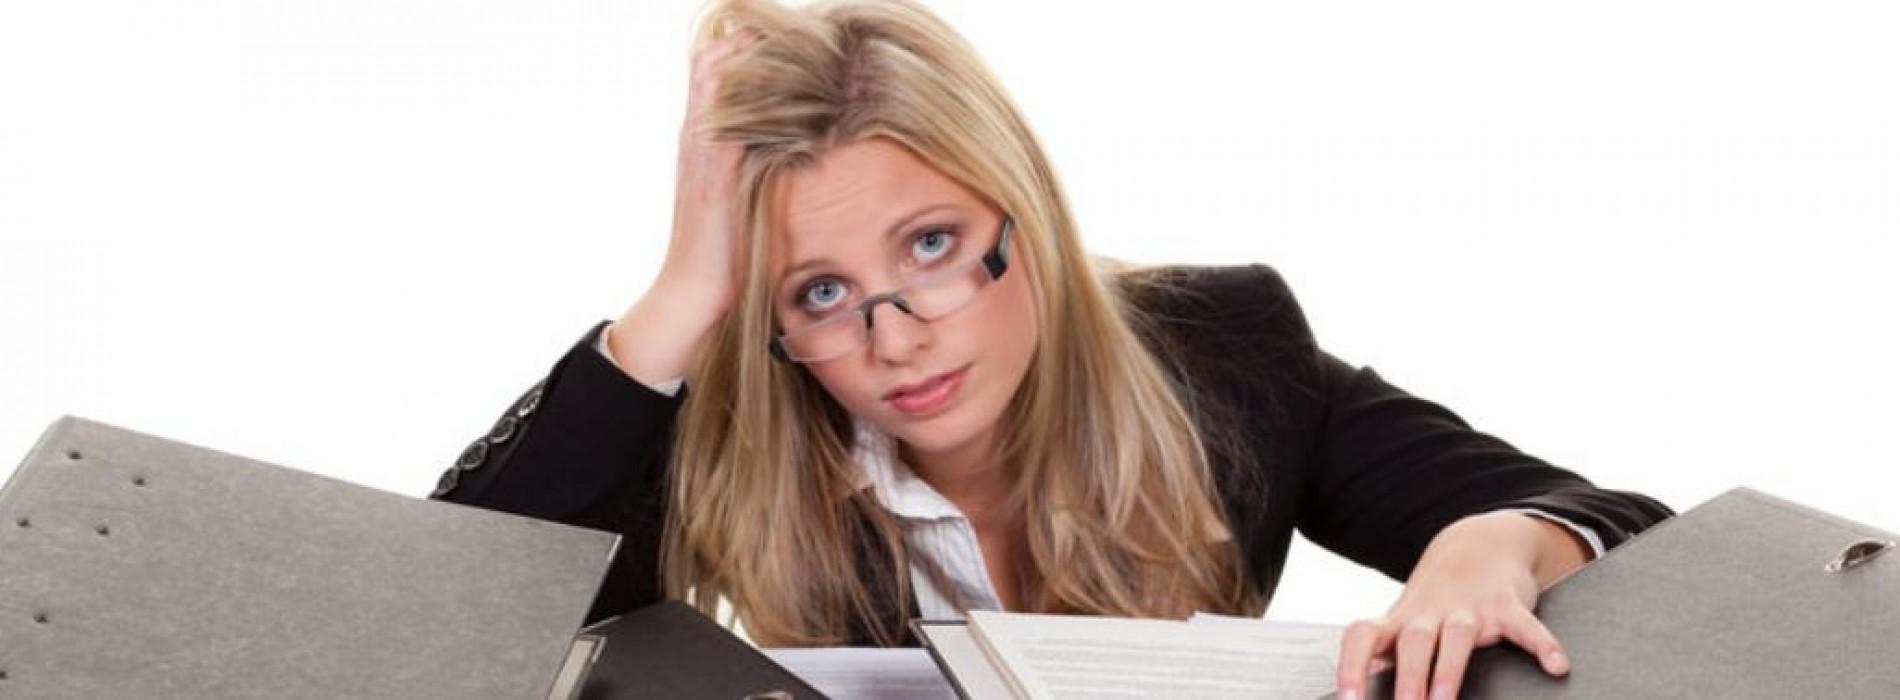 Stress verminderen, hoe doen we dat?